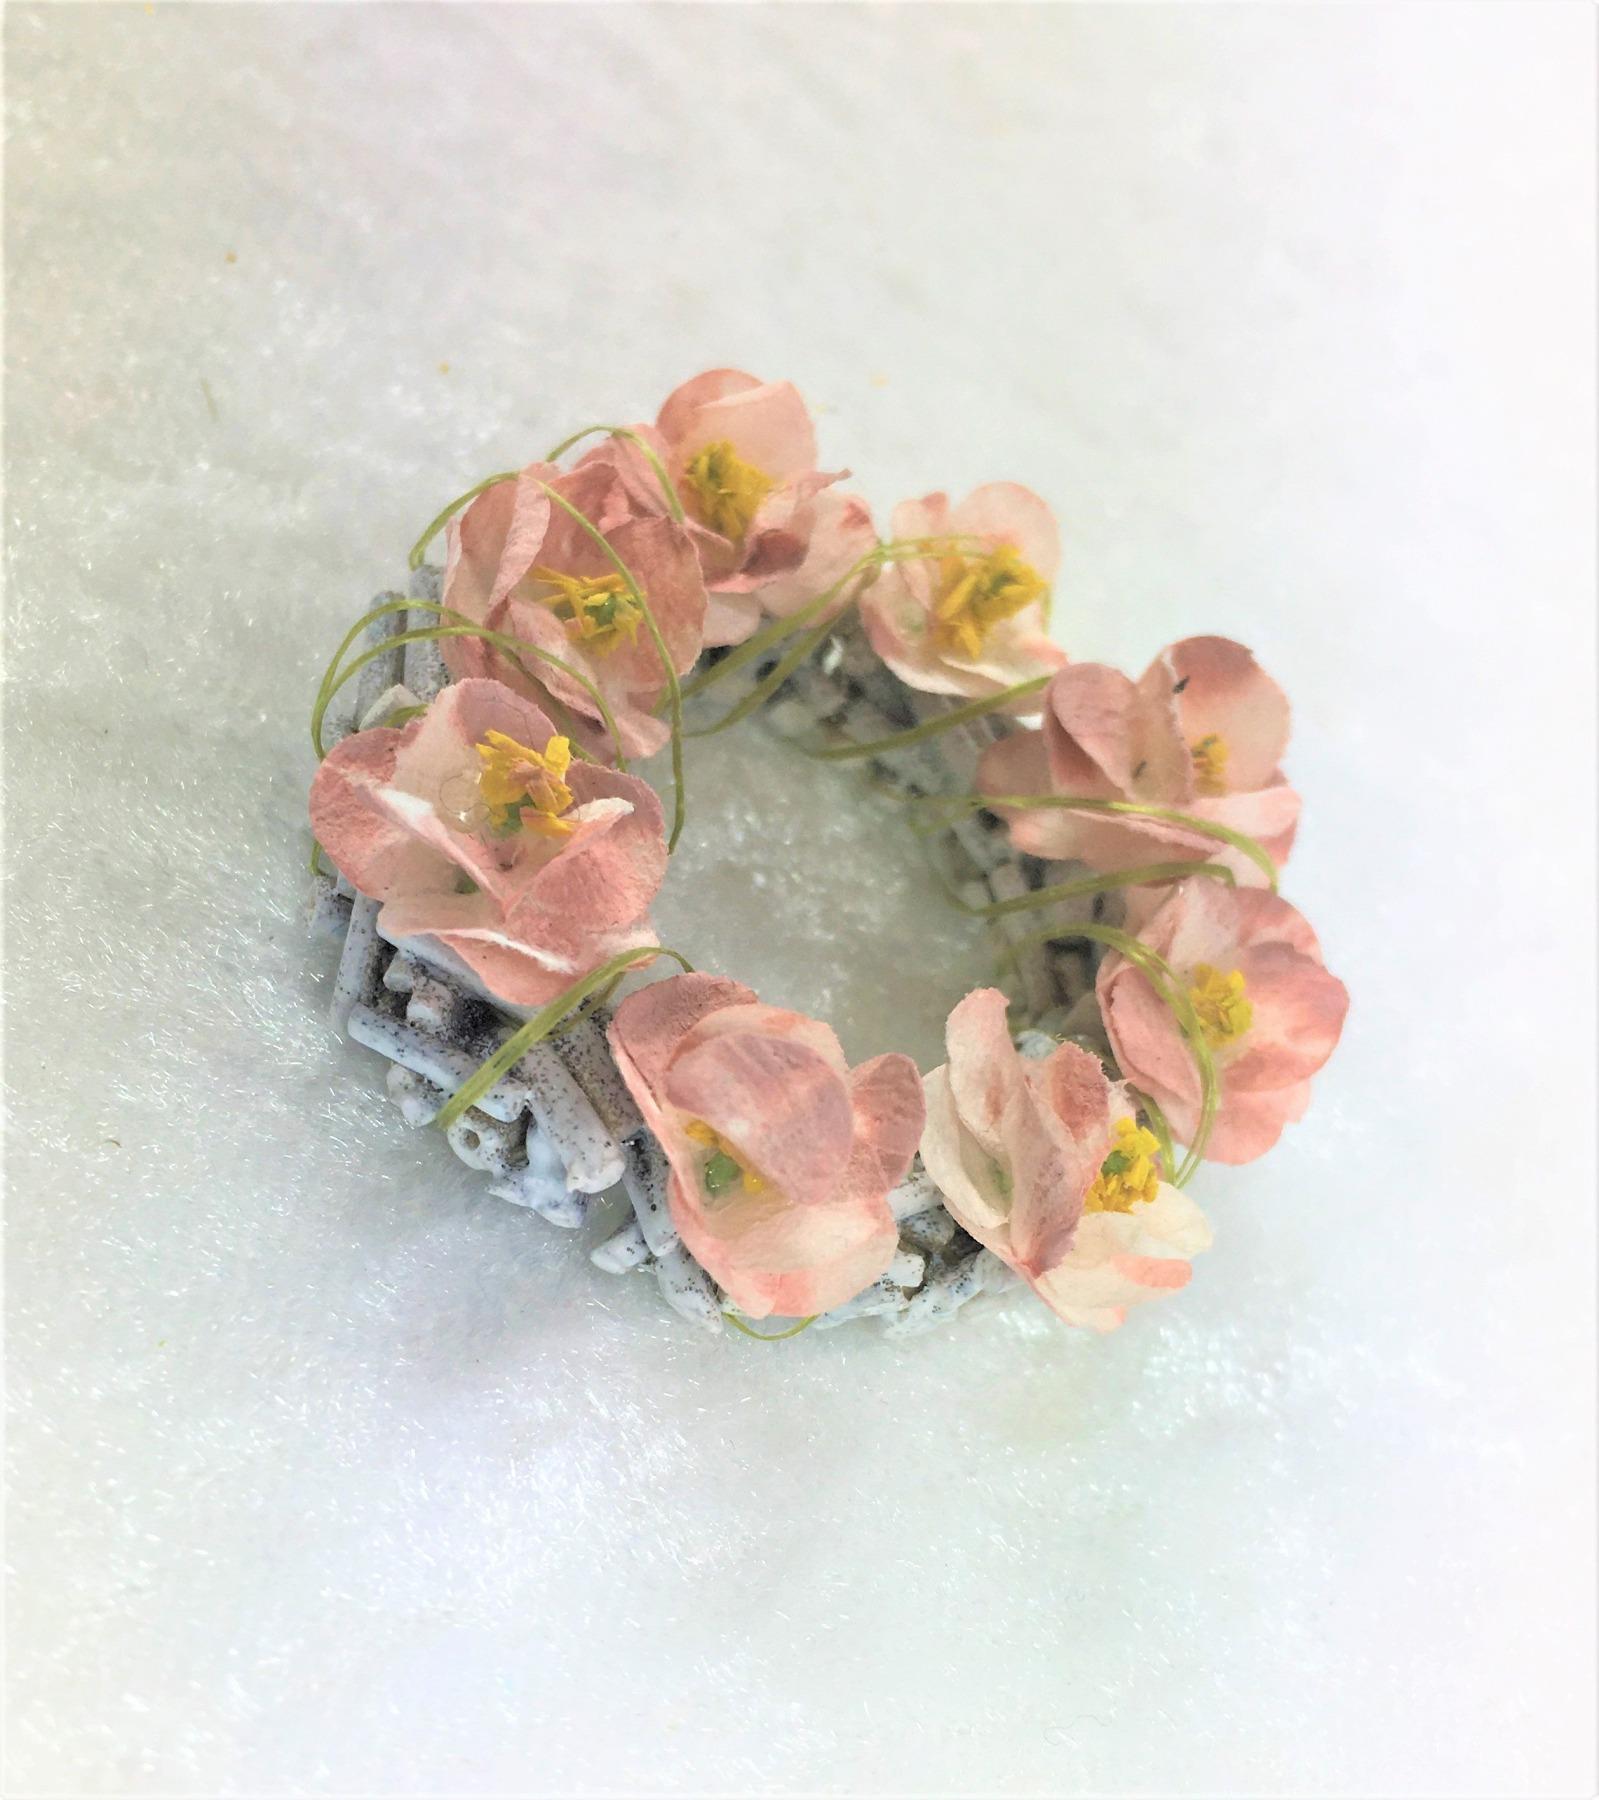 Kranz aus Holz mit Wildrosenblüten zur